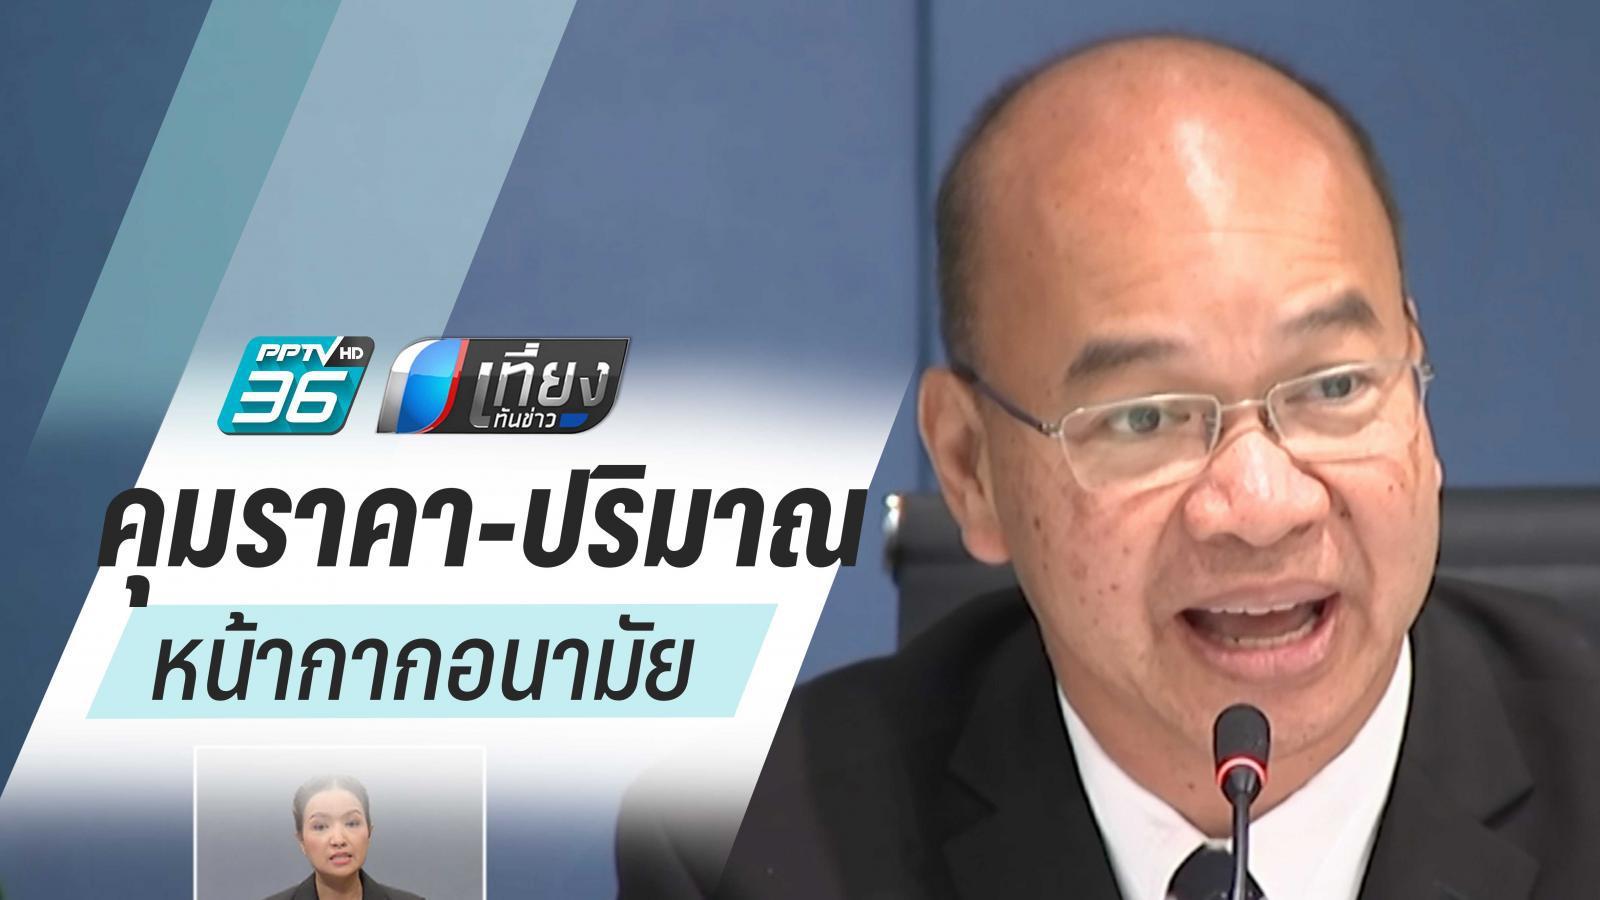 หอการค้าไทย แนะ รัฐคุมราคา-ปริมาณหน้ากากอนามัย หลังราคาพุ่ง 100 %